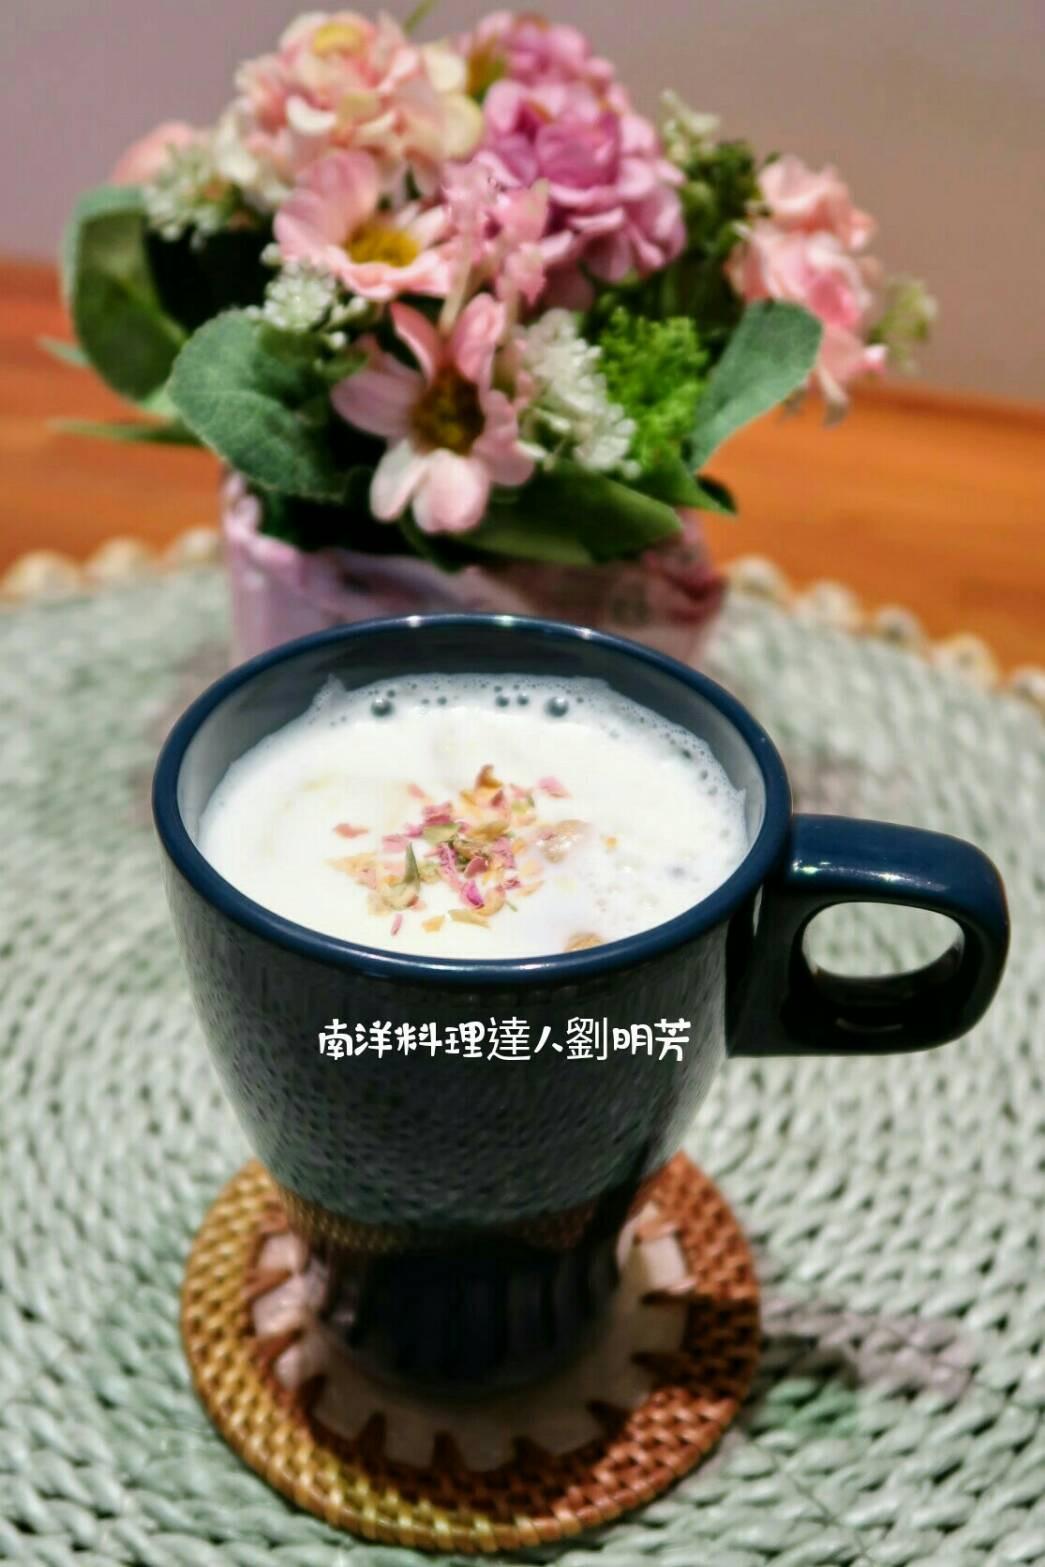 南洋料理達人劉明芳--丁香玫瑰花鮮奶